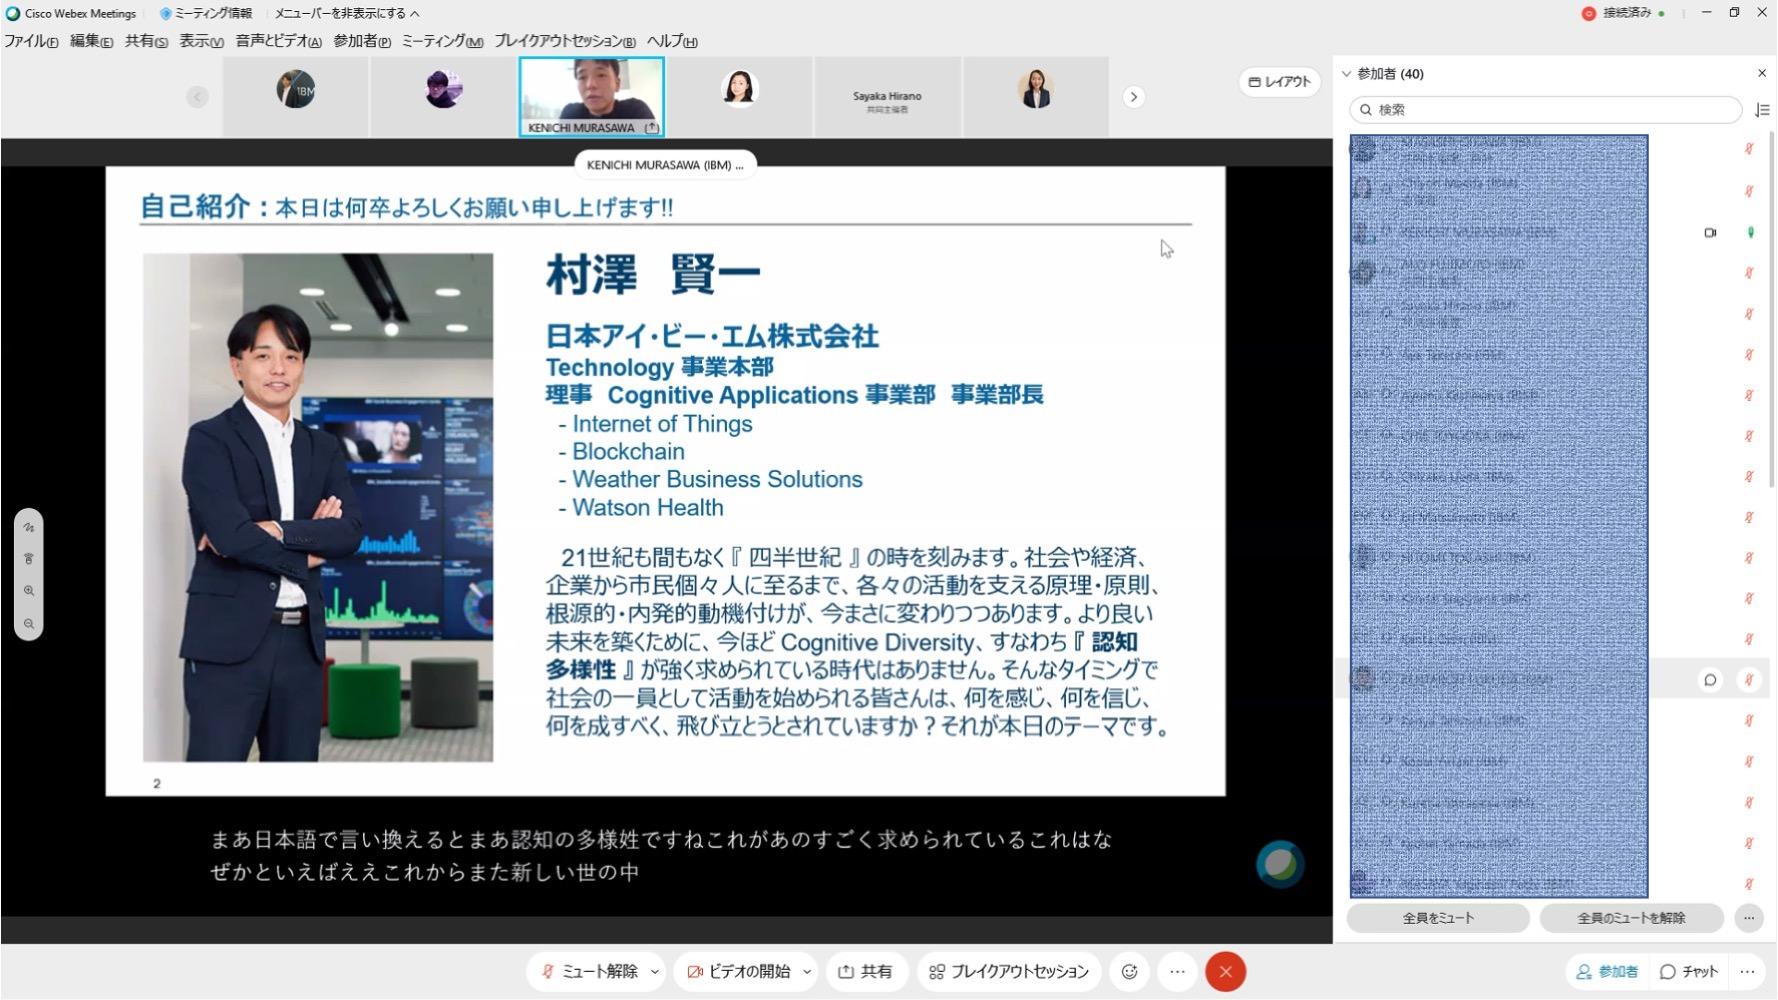 オンライン会議ツール「WebEx」の画面